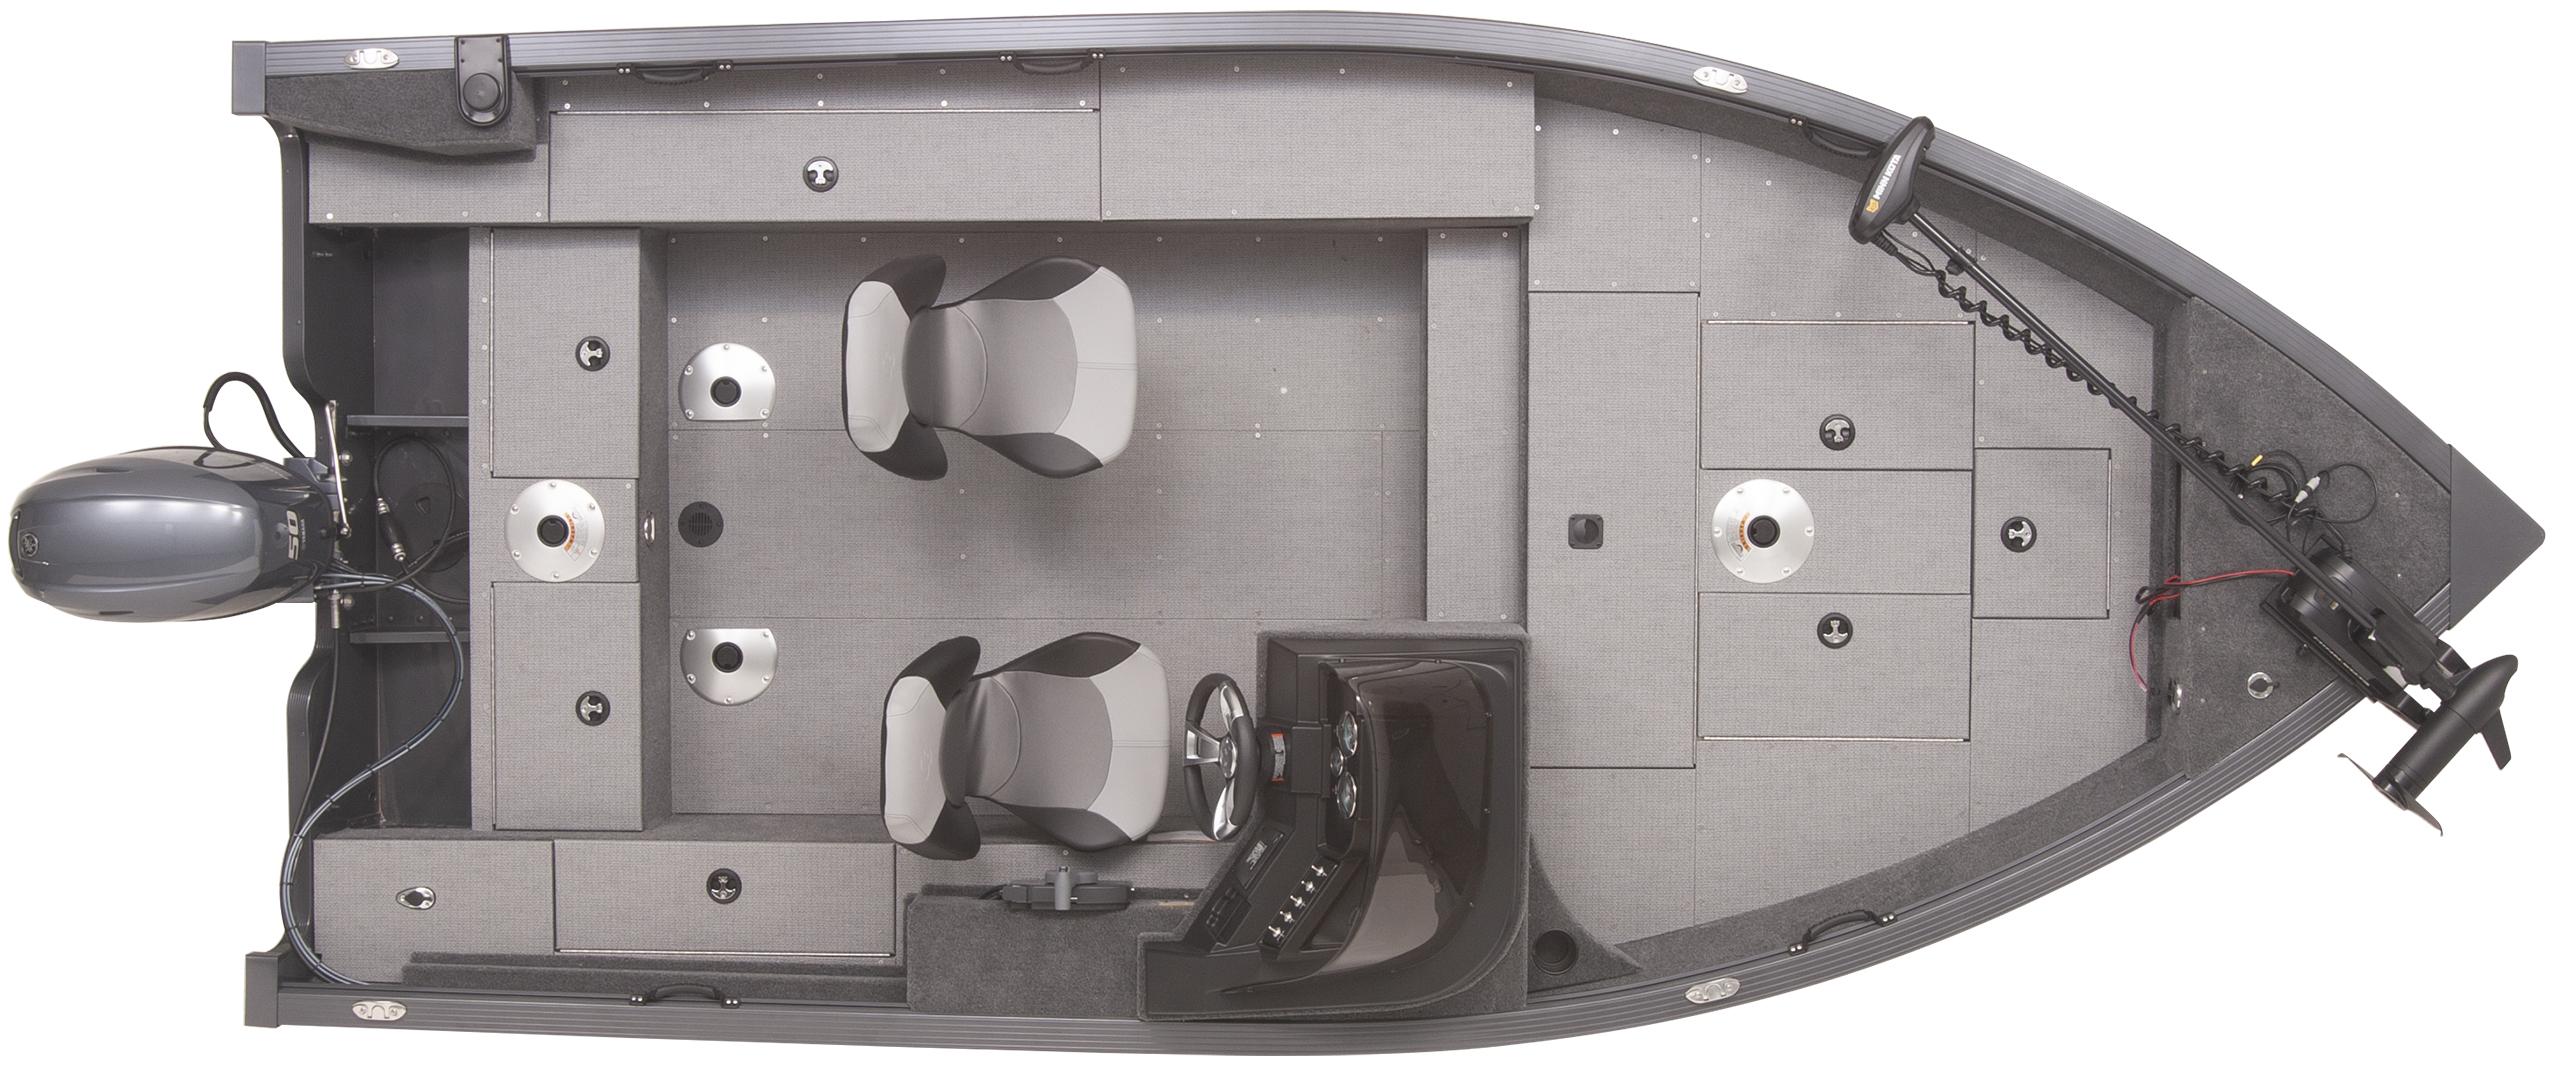 Angler V16 C OVH Closed